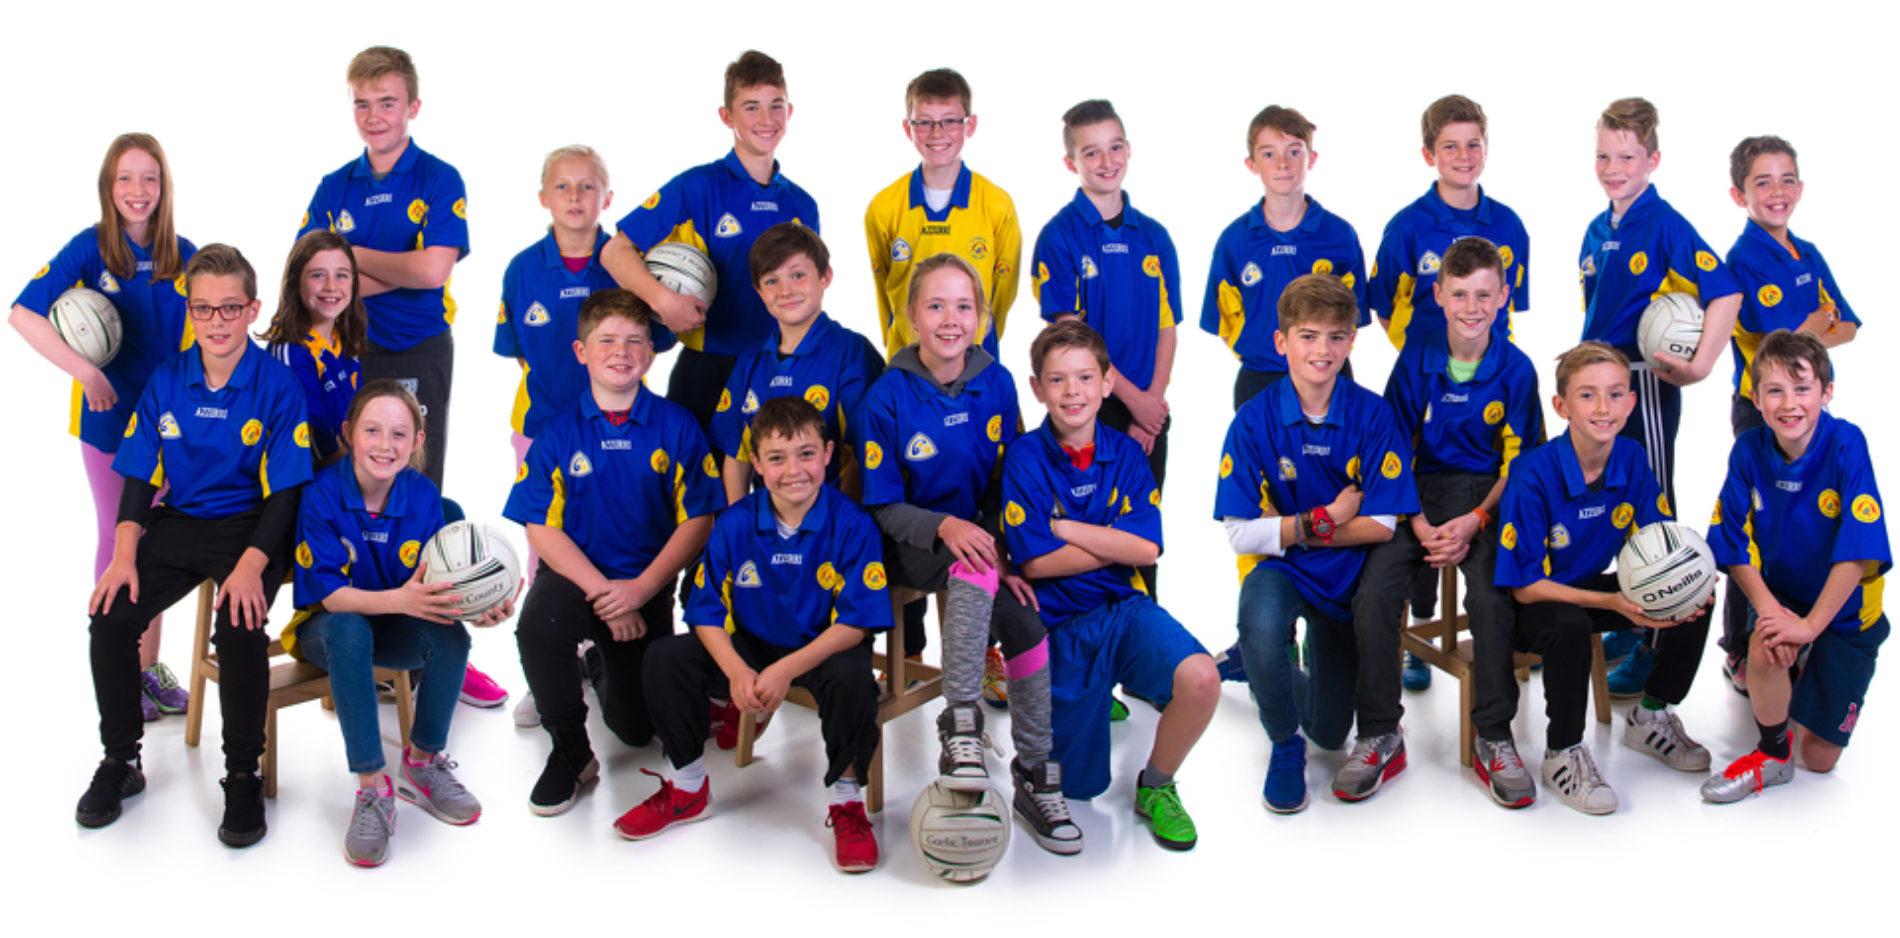 Le Chéile School GAA Team